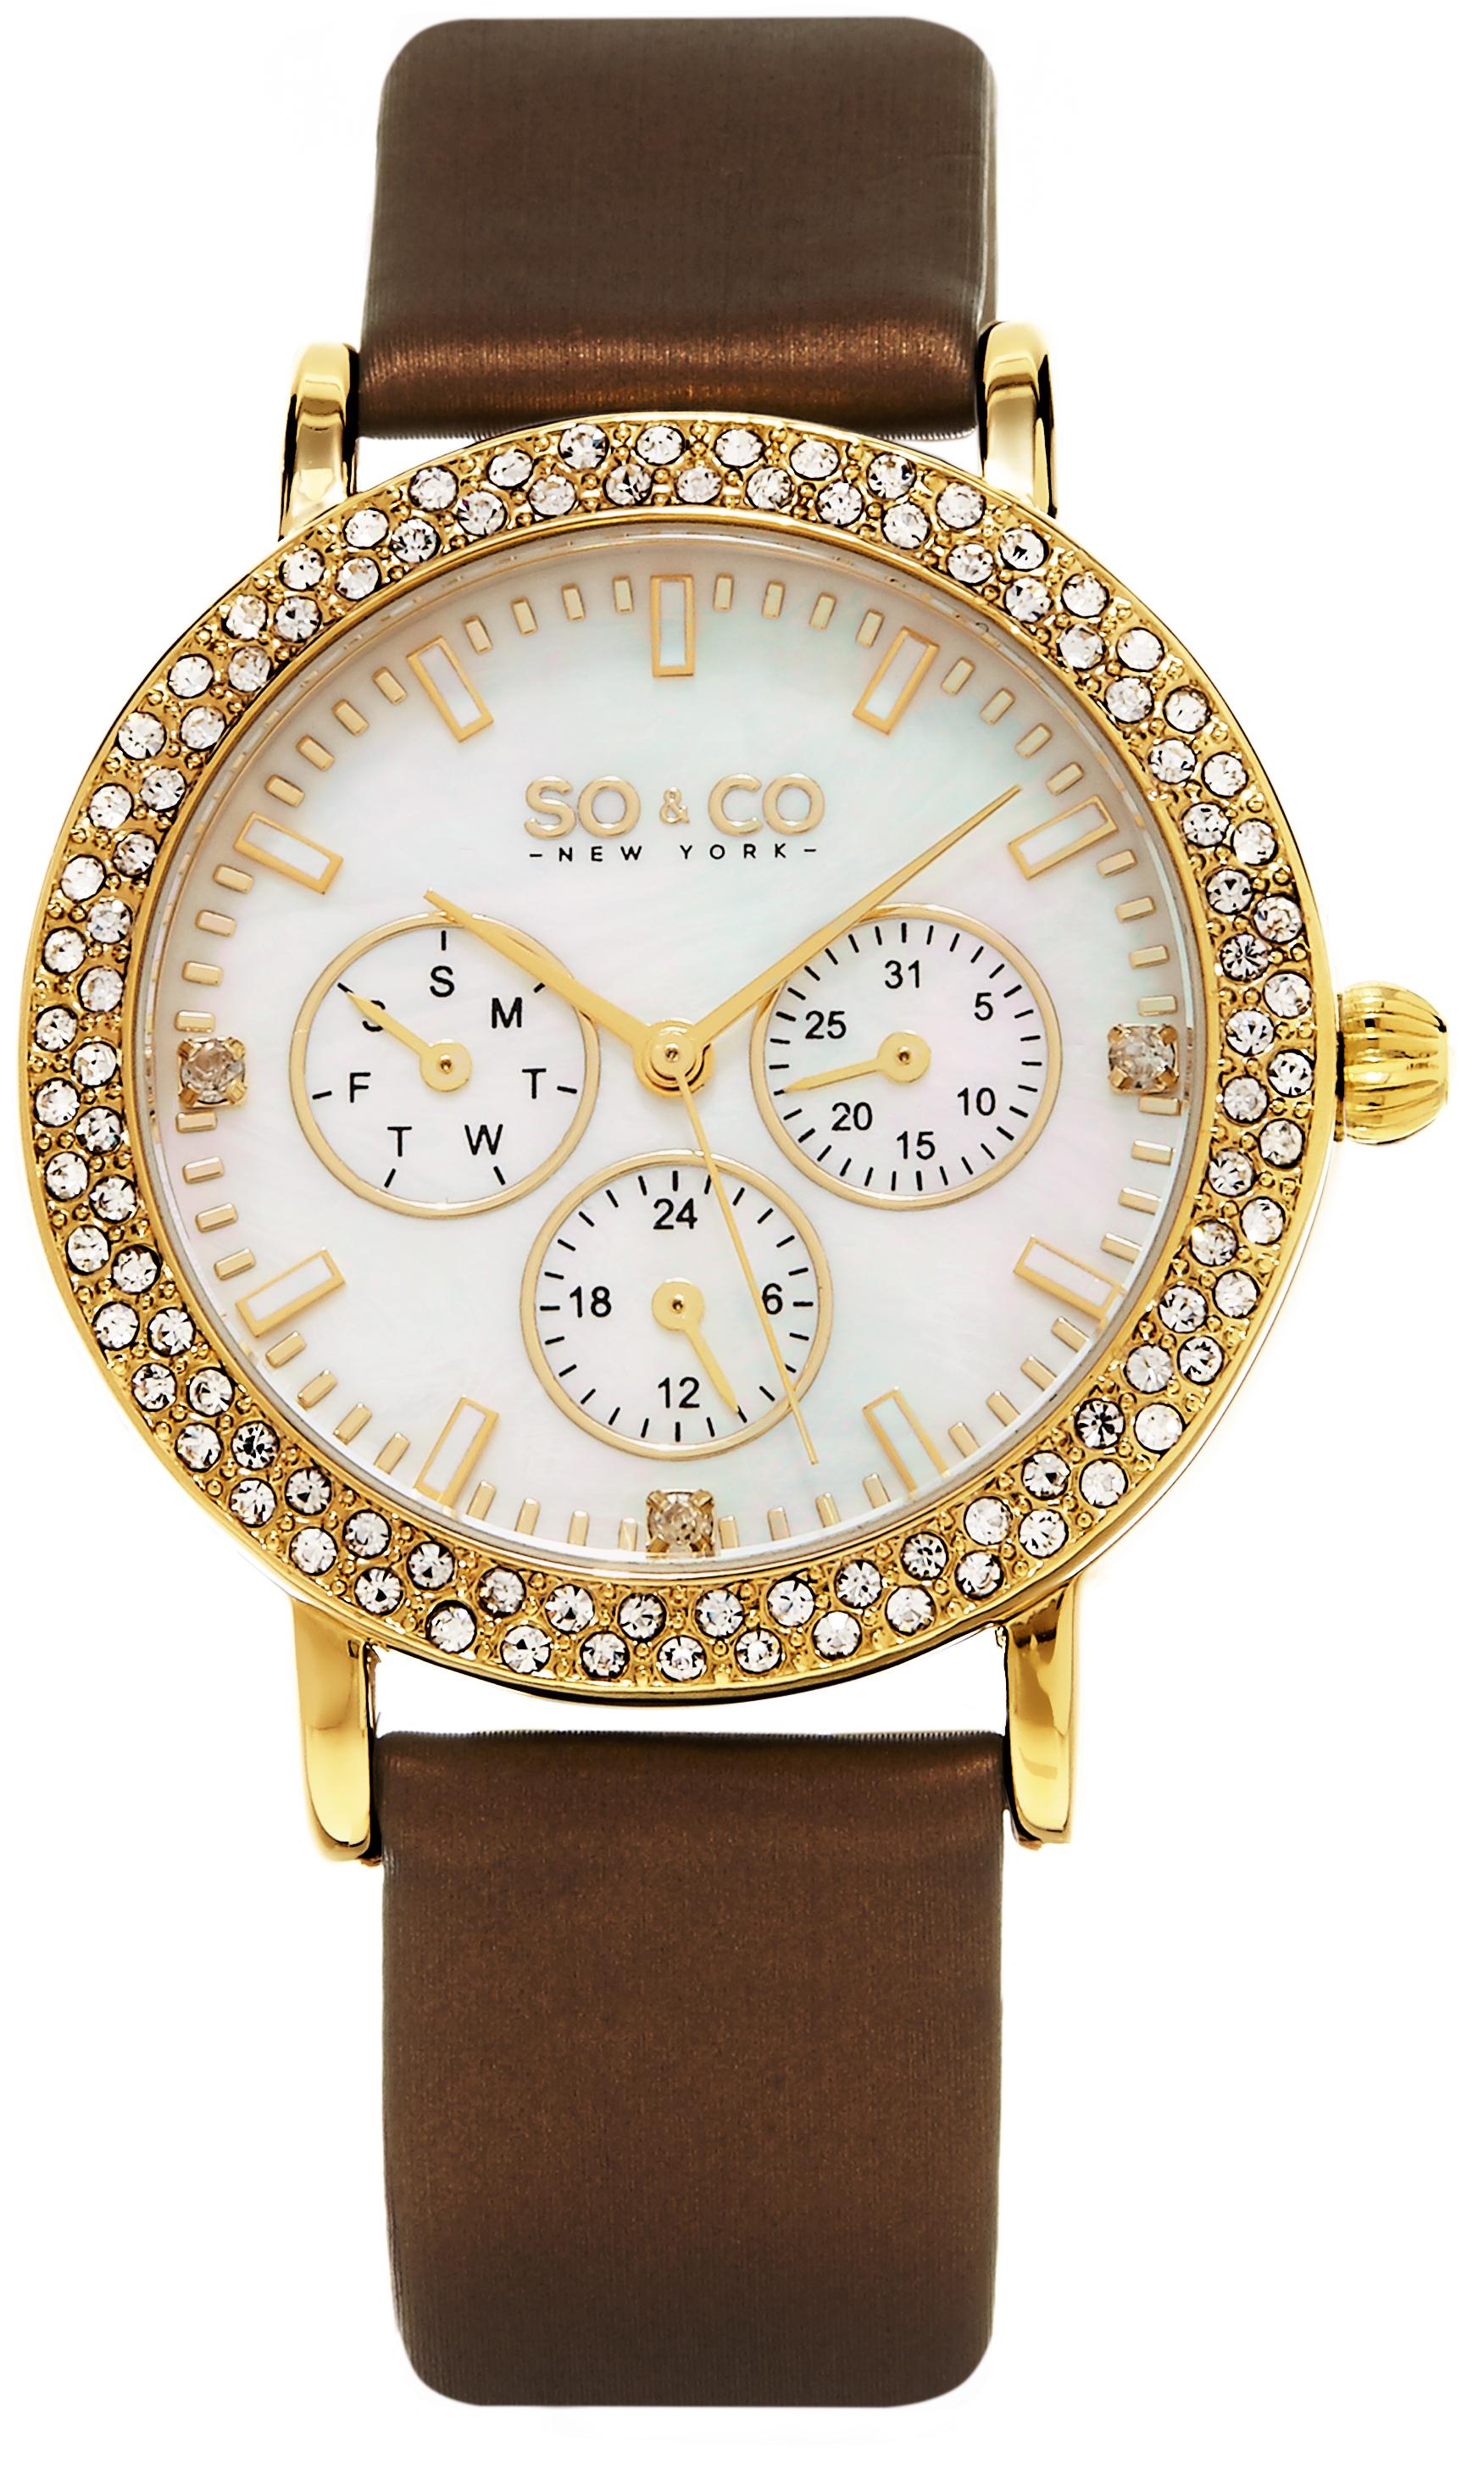 So & Co New York Madison Naisten kello 5216L.3 Valkoinen/Satiini